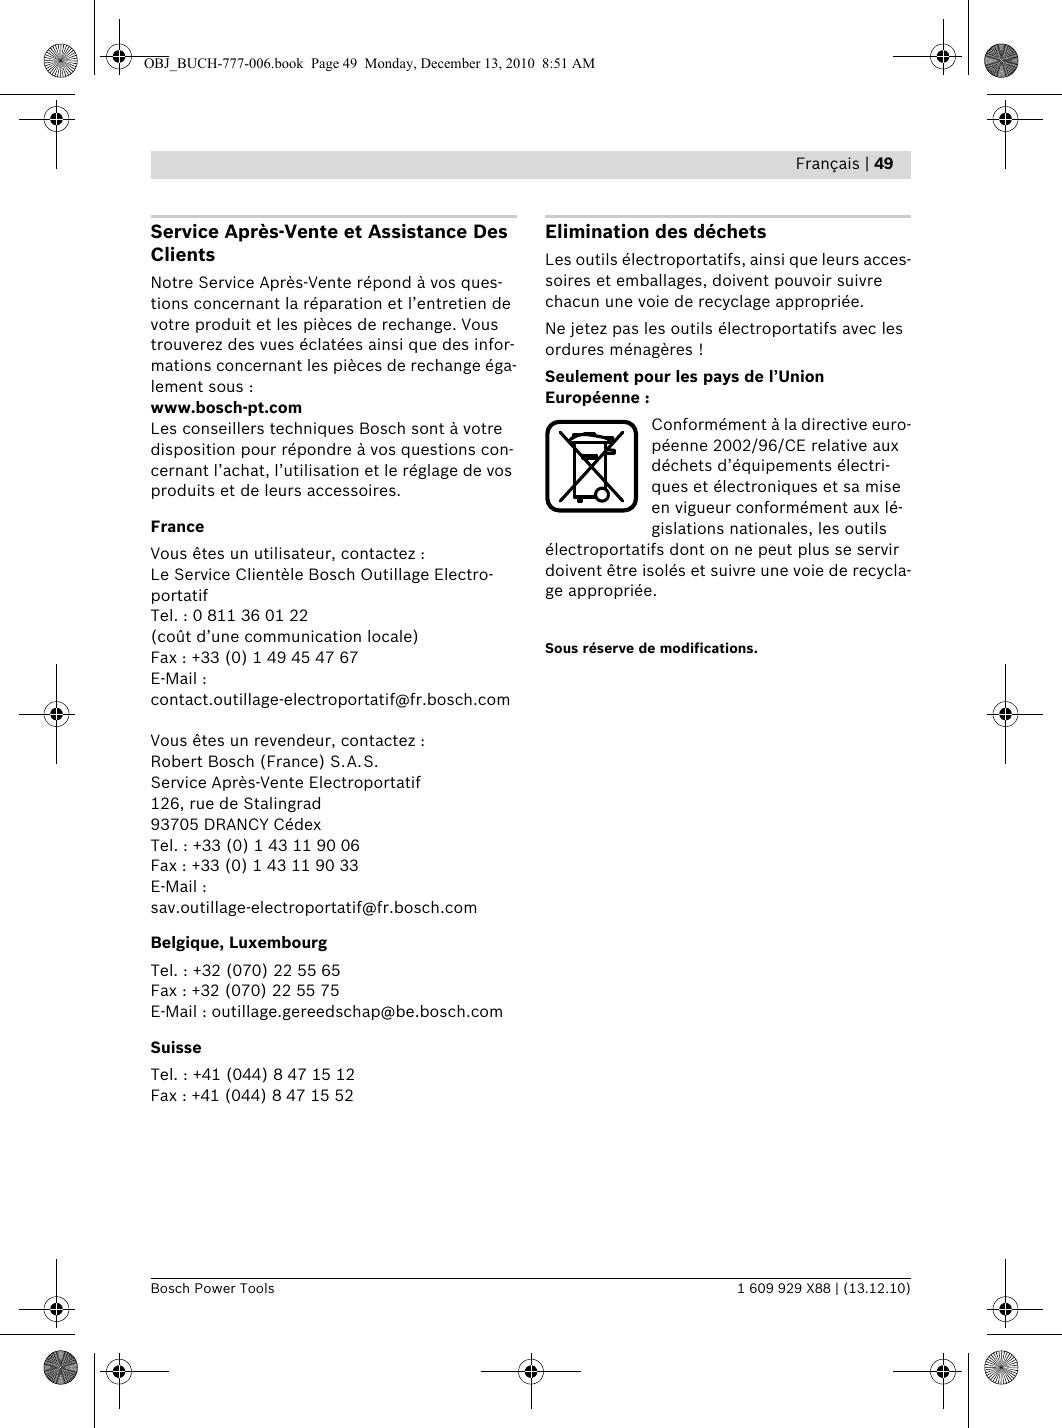 Batterie pour outil électrique BOSCH d-70745-2000 mAh 10,8 V Li-Ion gares marque